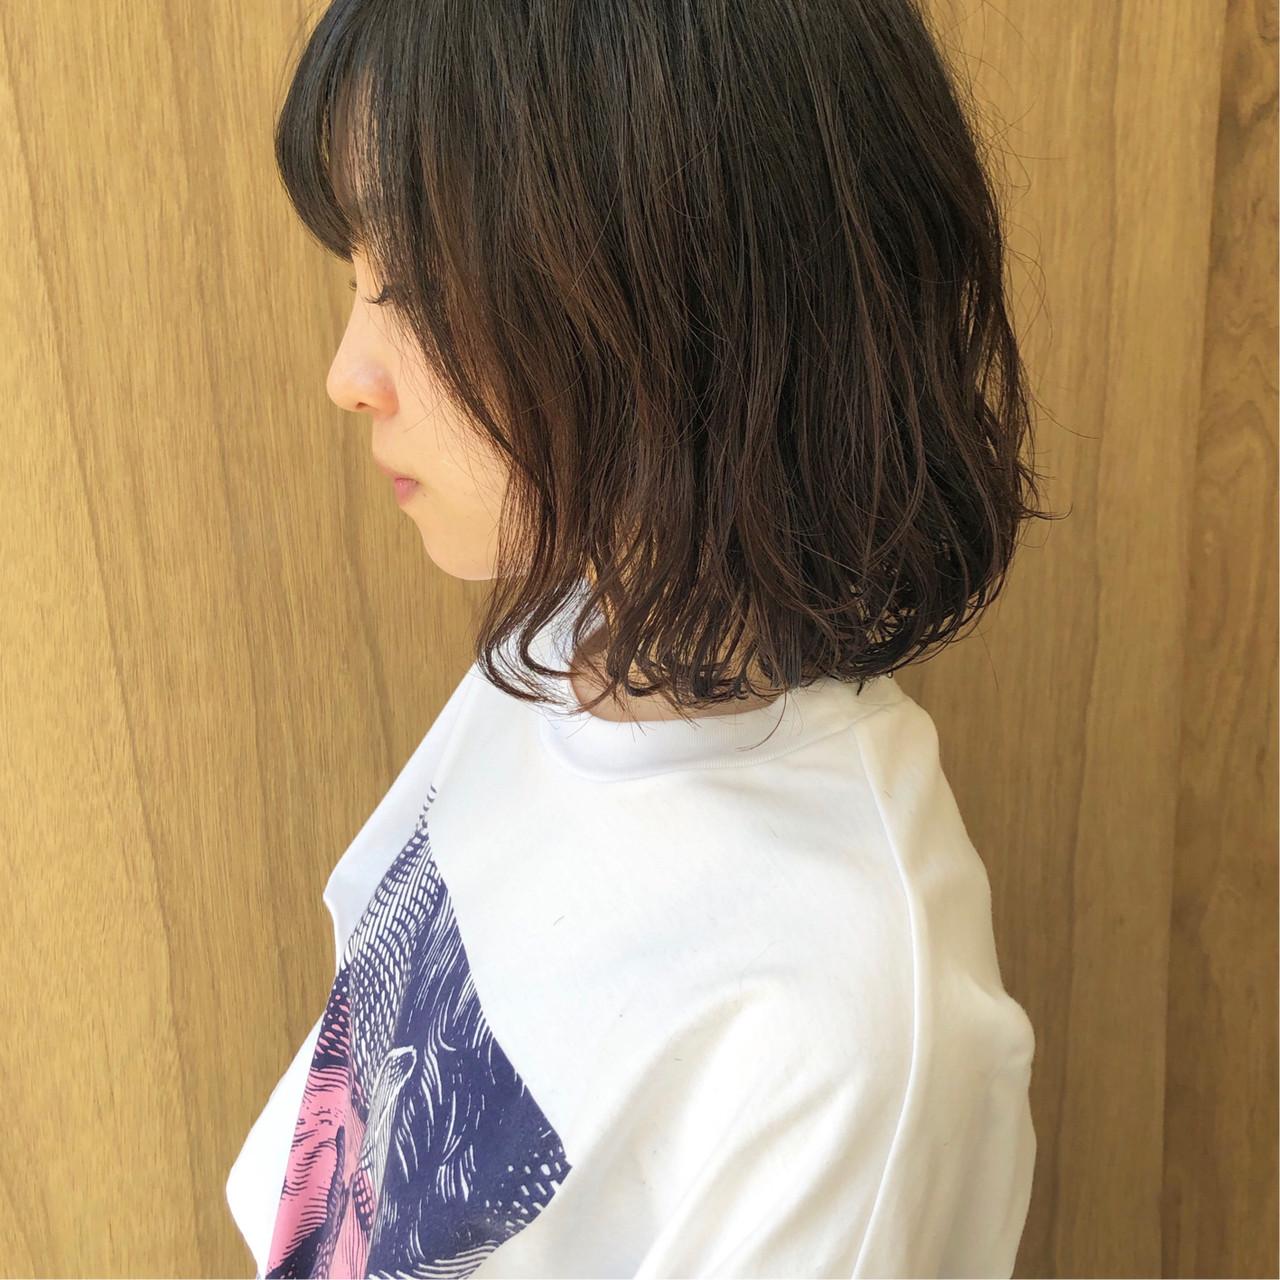 ボブ 外ハネボブ ミニボブ フェミニン ヘアスタイルや髪型の写真・画像 | 松井勇樹 / TWiGGY  歩行町店